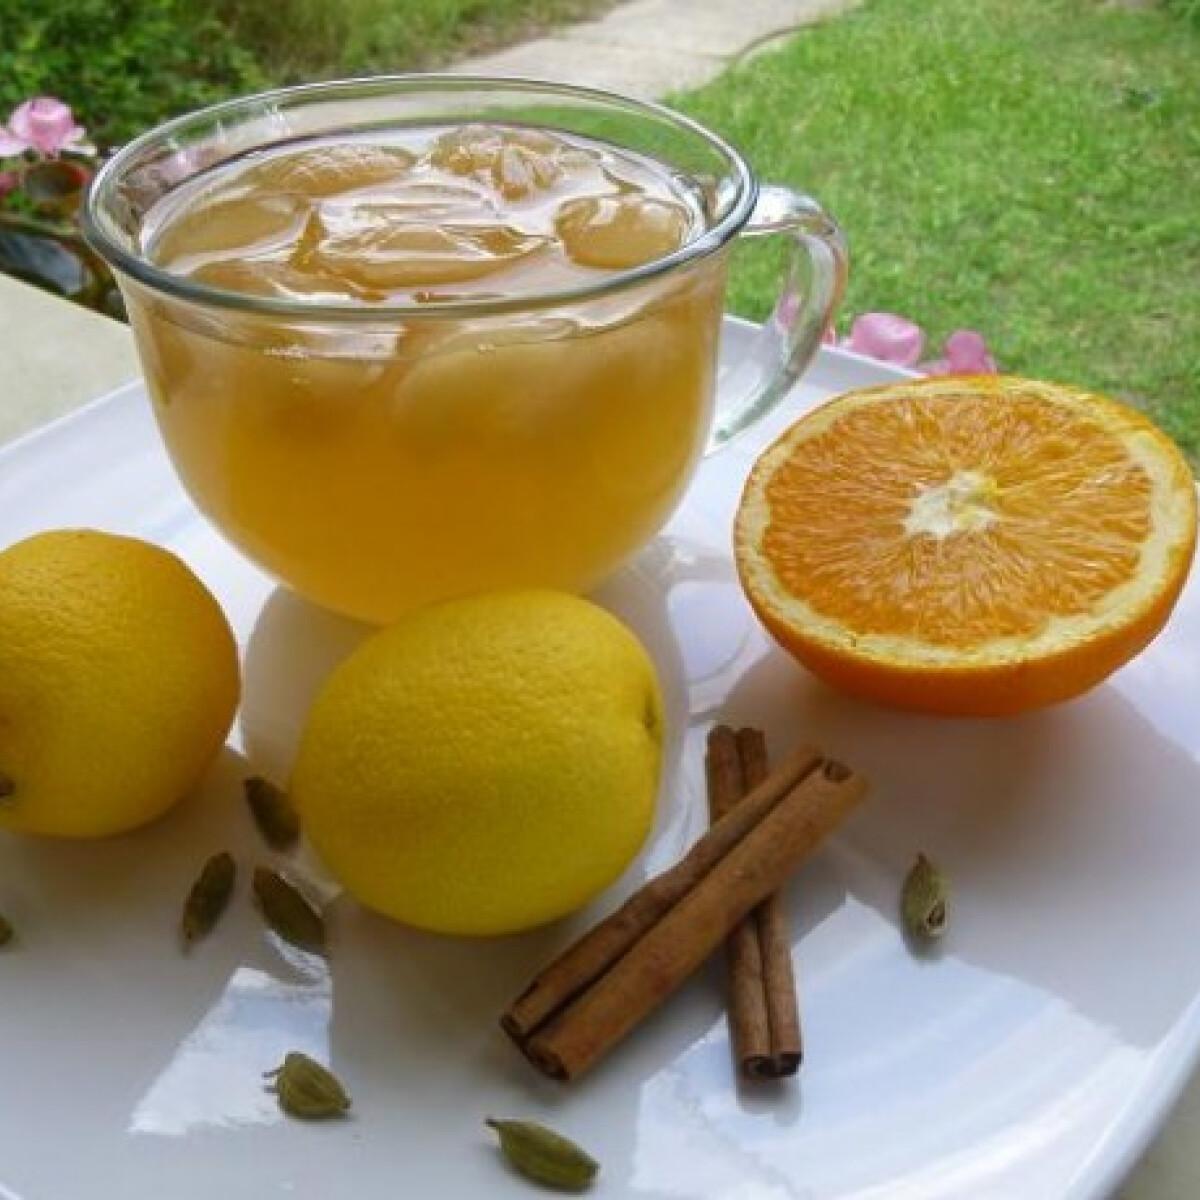 Ezen a képen: Zöld tea tonikkal